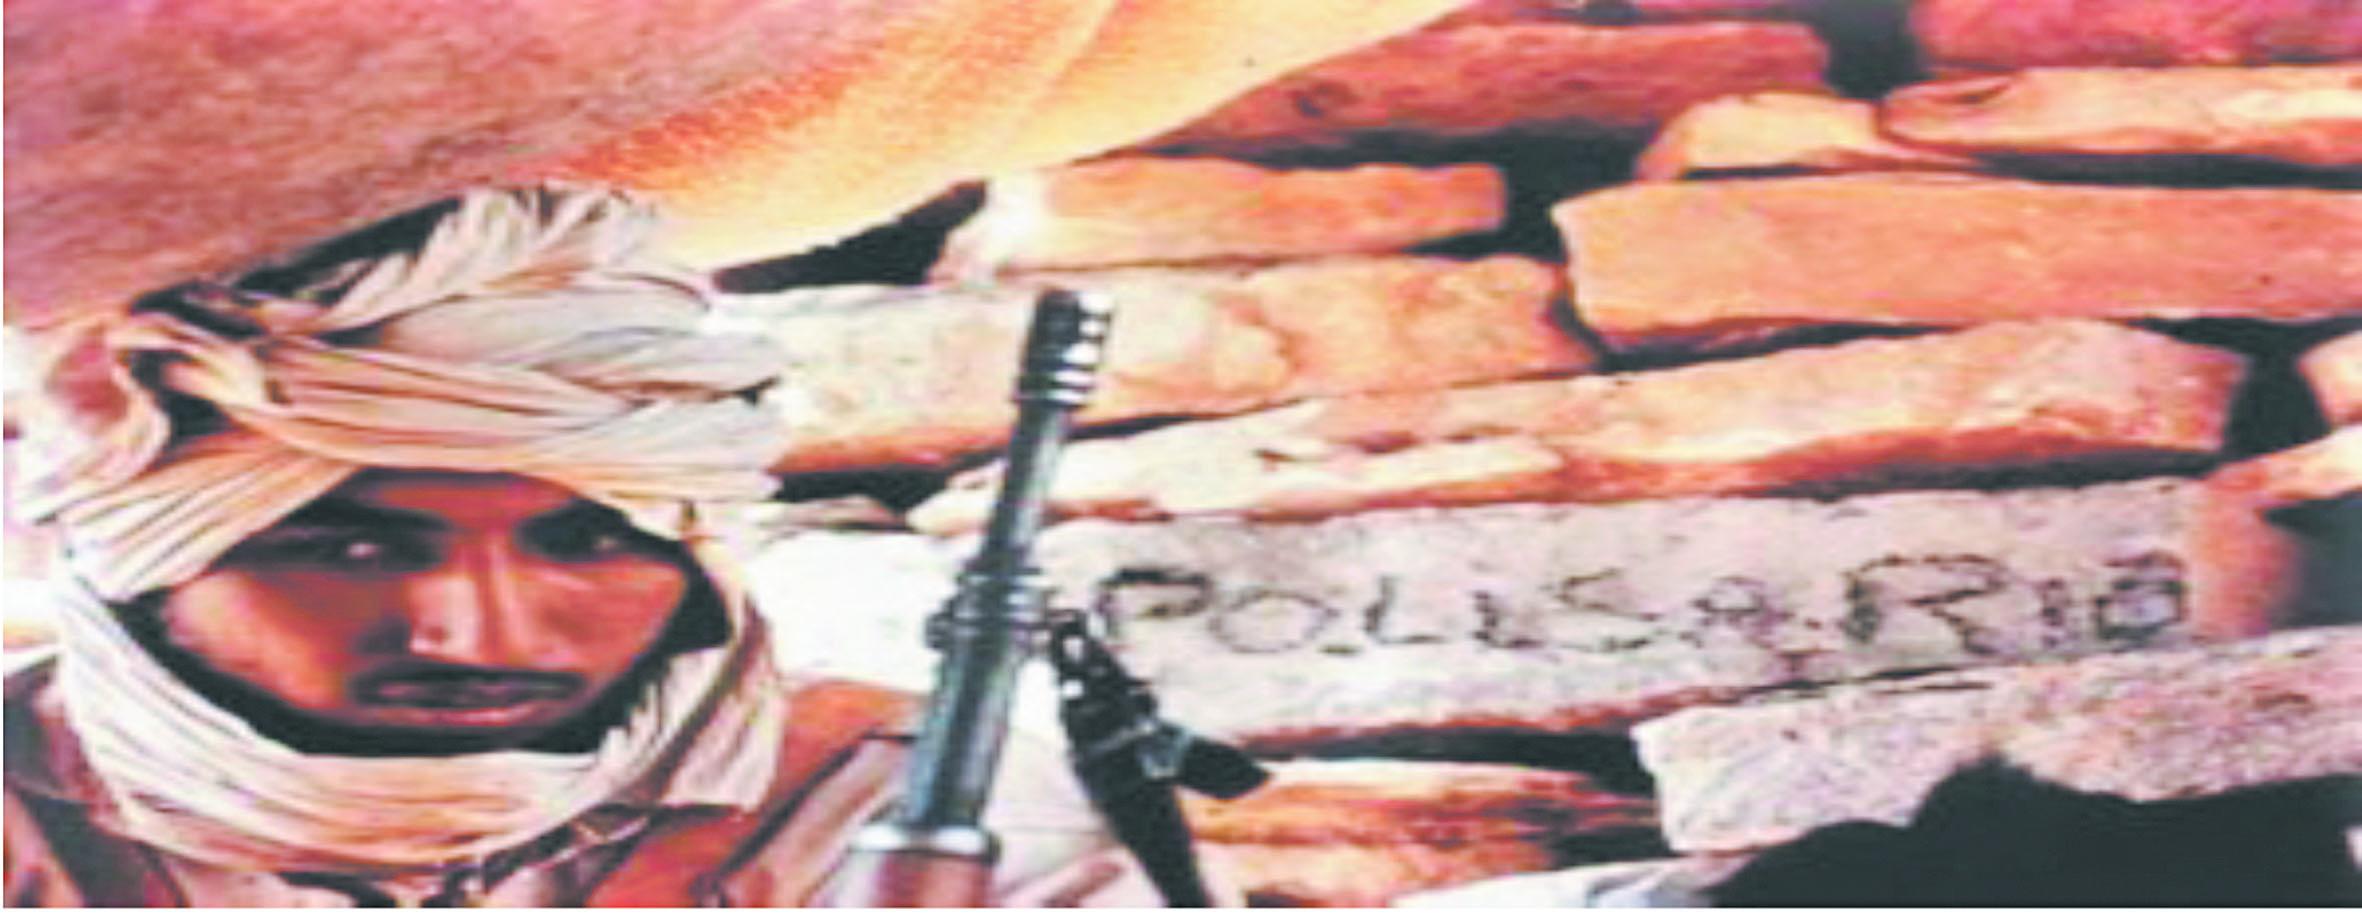 Un poste de la milice du Polisario à Tindouf attaqué par de jeunes Sahraouis